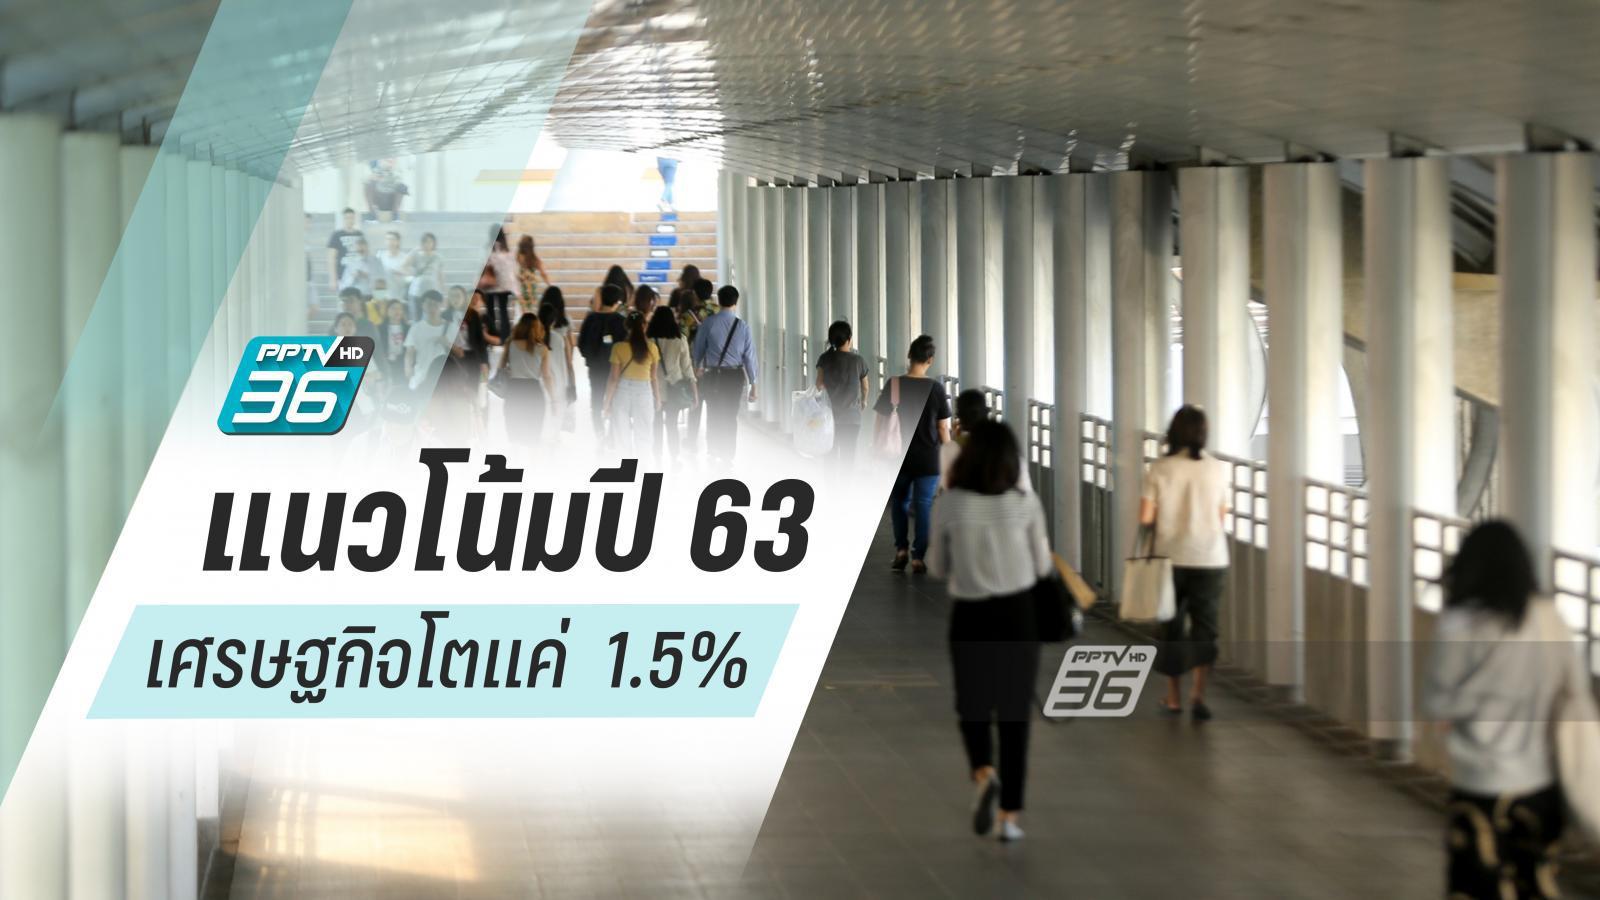 สภาพัฒน์ หั่นเป้าเศรษฐกิจไทยปี 63 โตแค่ 1.5%